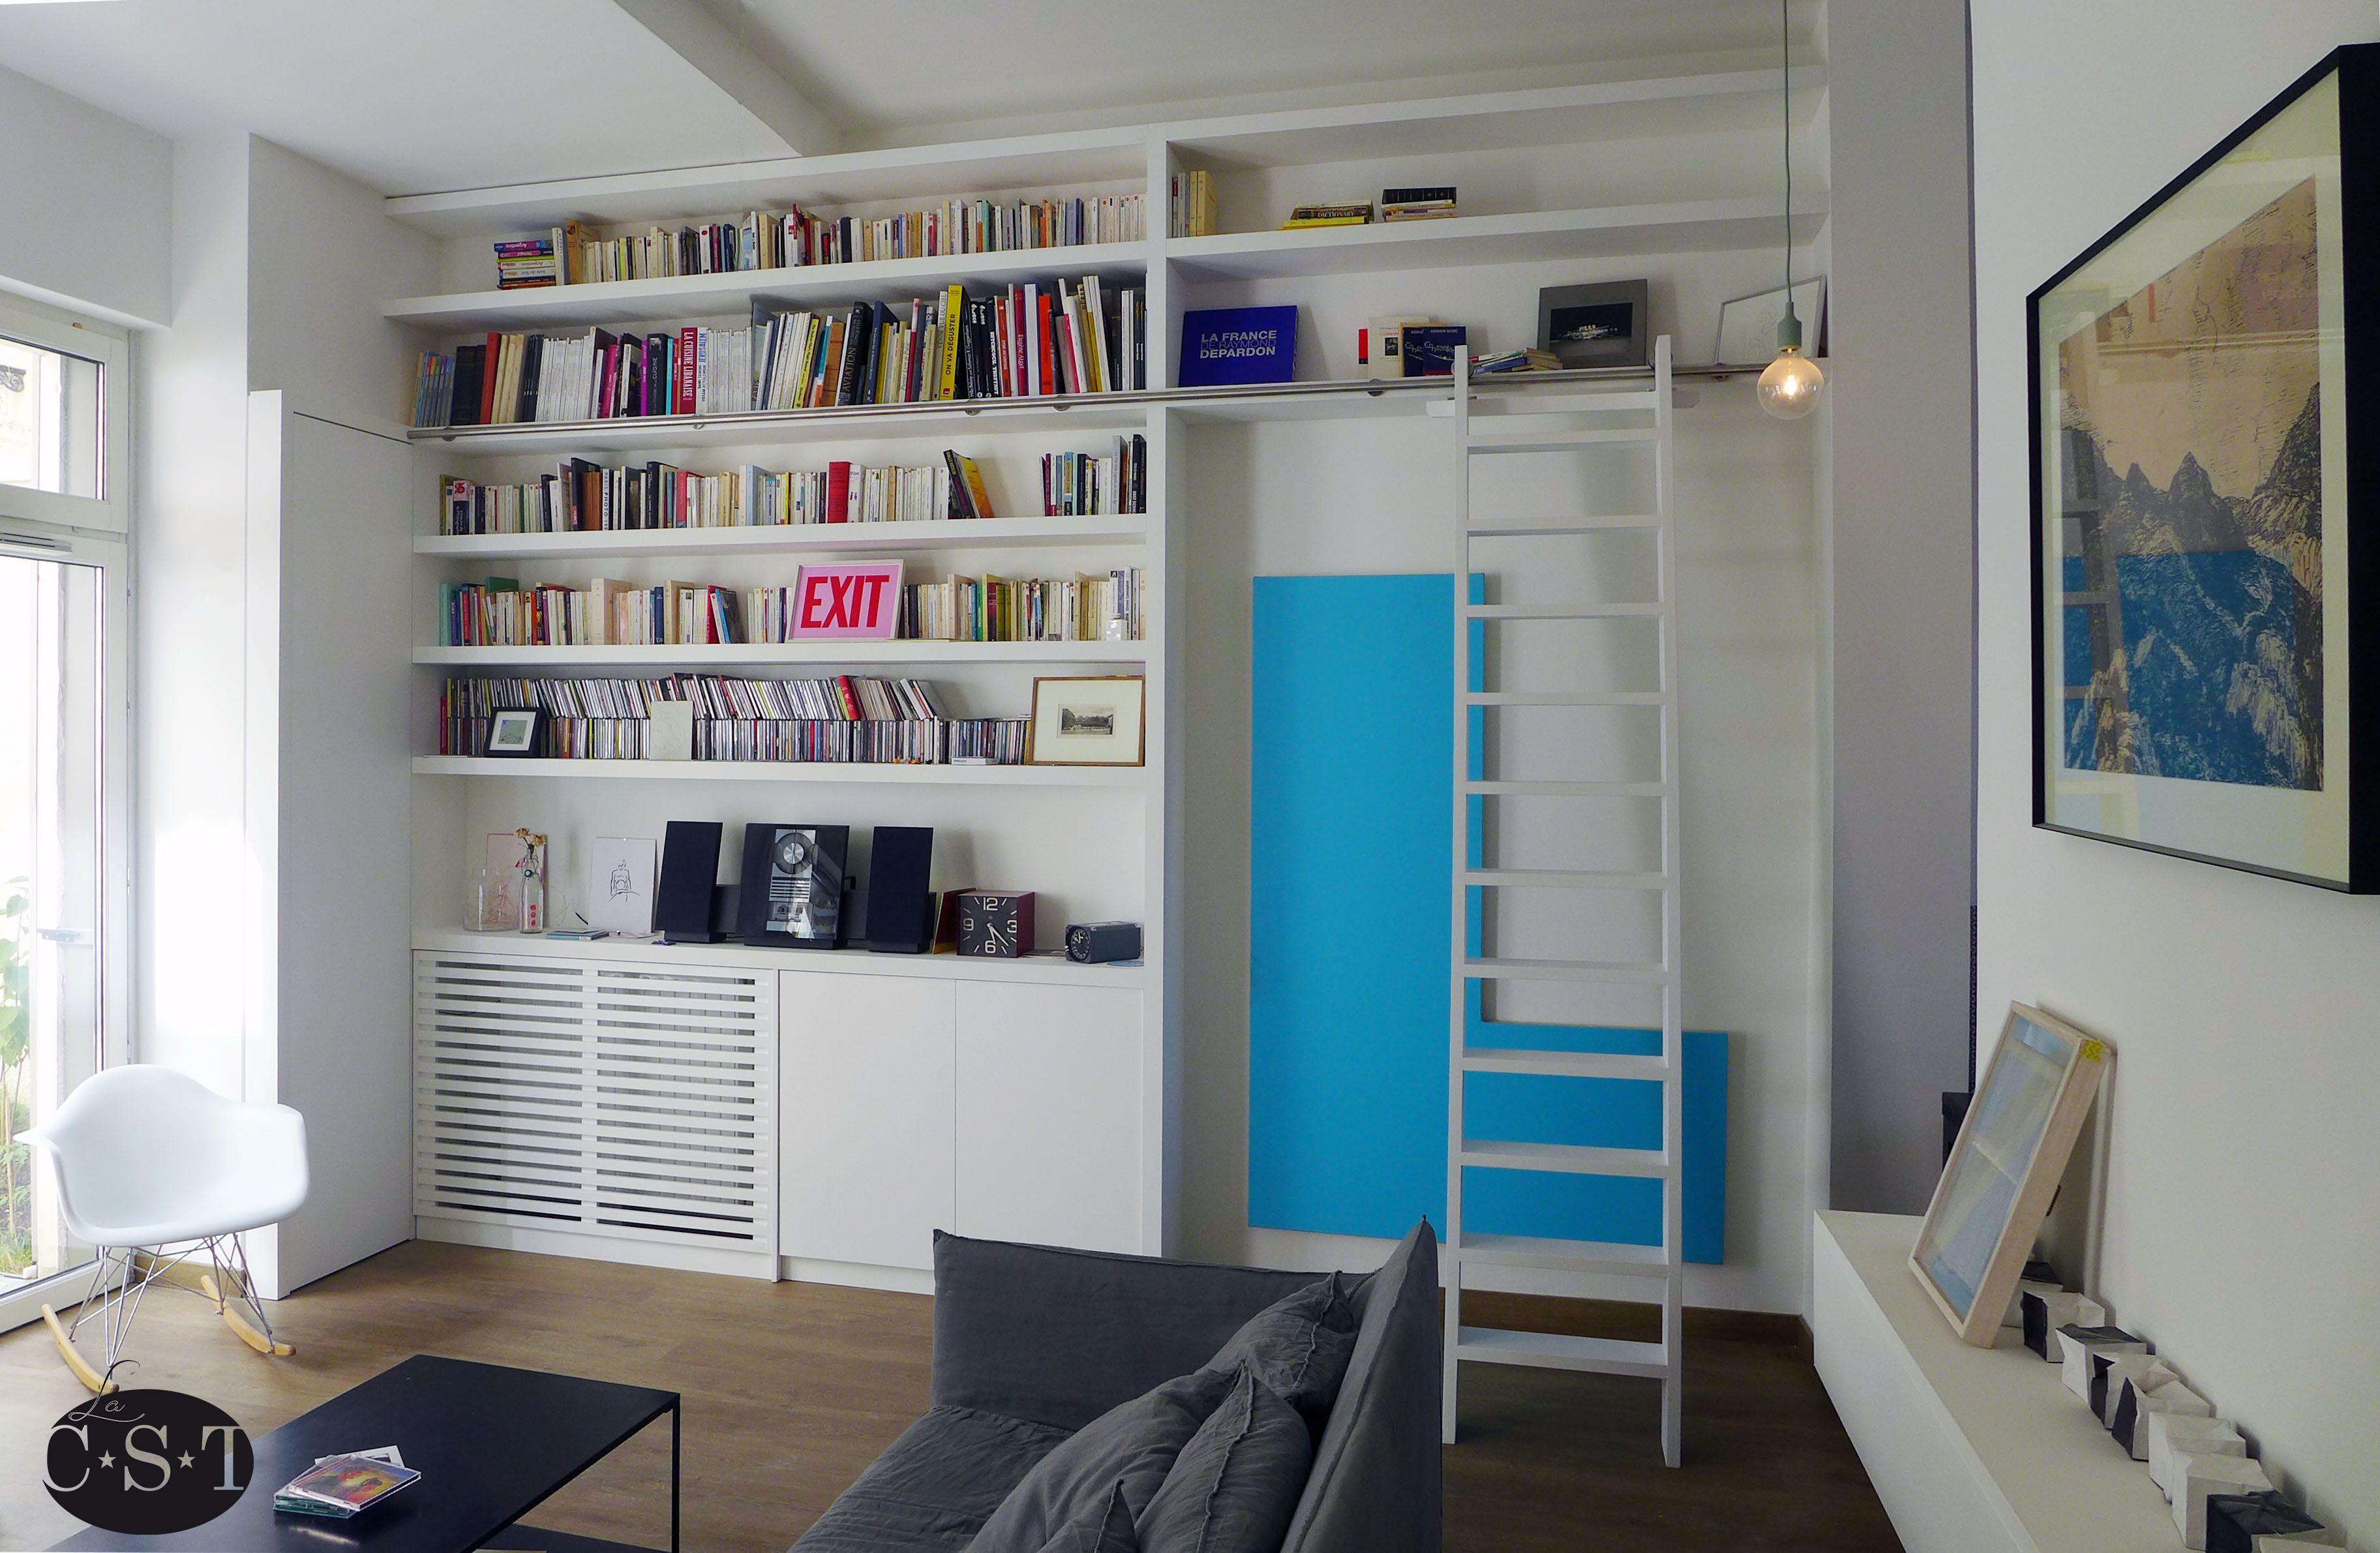 Biblioth Que L Aspect Ma Onn Esprit Loft Industriel Grande  # Grand Meuble Tv Modulable Sous Escalier